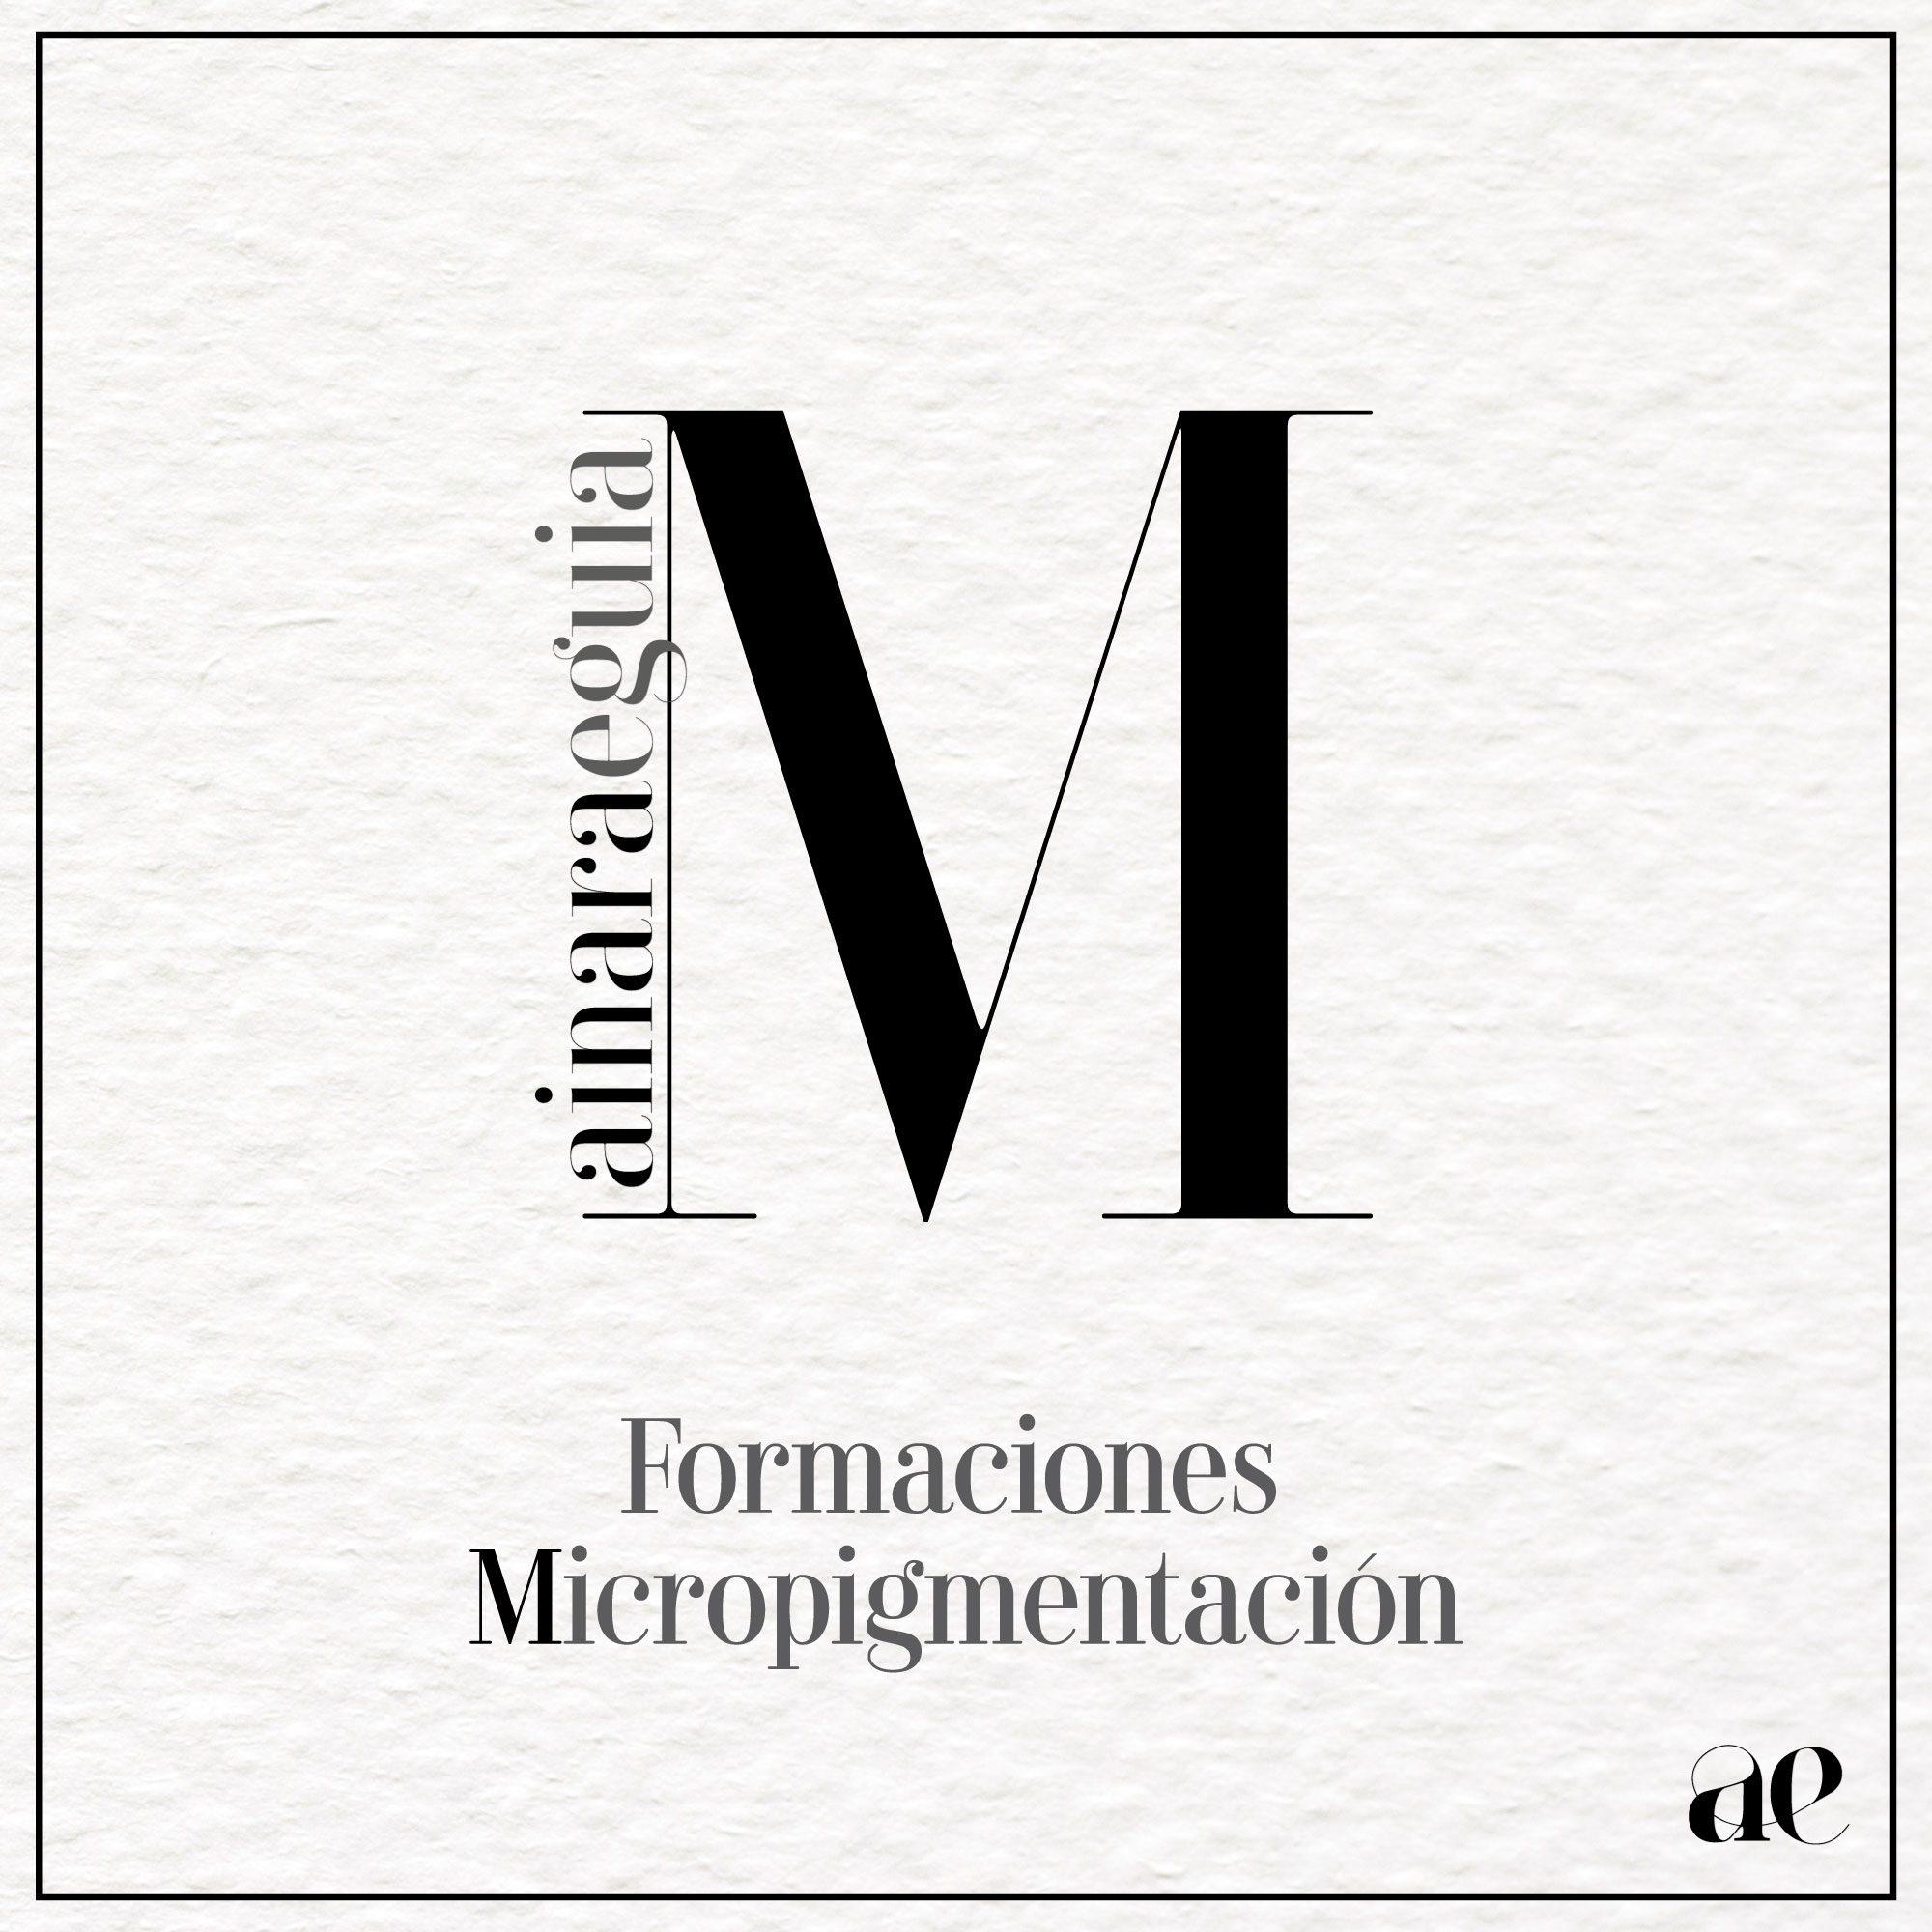 Formacion ainara eguia micropigmentacion microblanding softap ojos labios capilar cicatrices bilbao vitoria formaciones micropigmentacion